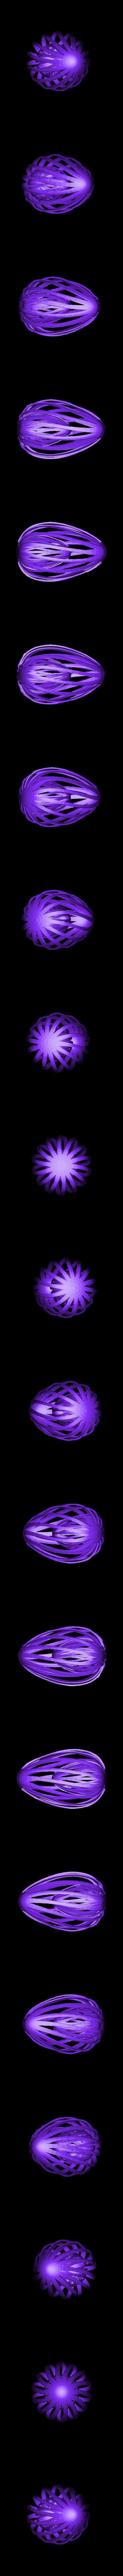 egg2_repaired.stl Télécharger fichier STL gratuit Easter Egg • Design à imprimer en 3D, JOHLINK